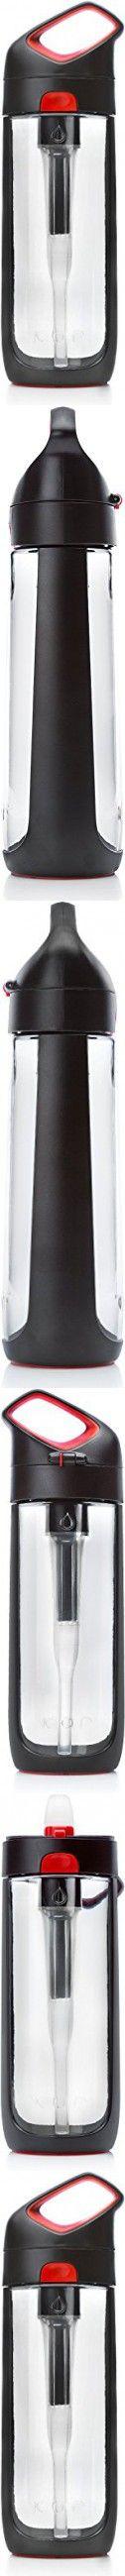 KOR Nava BPA Free 650ml Filter Water Bottle, Black/Red